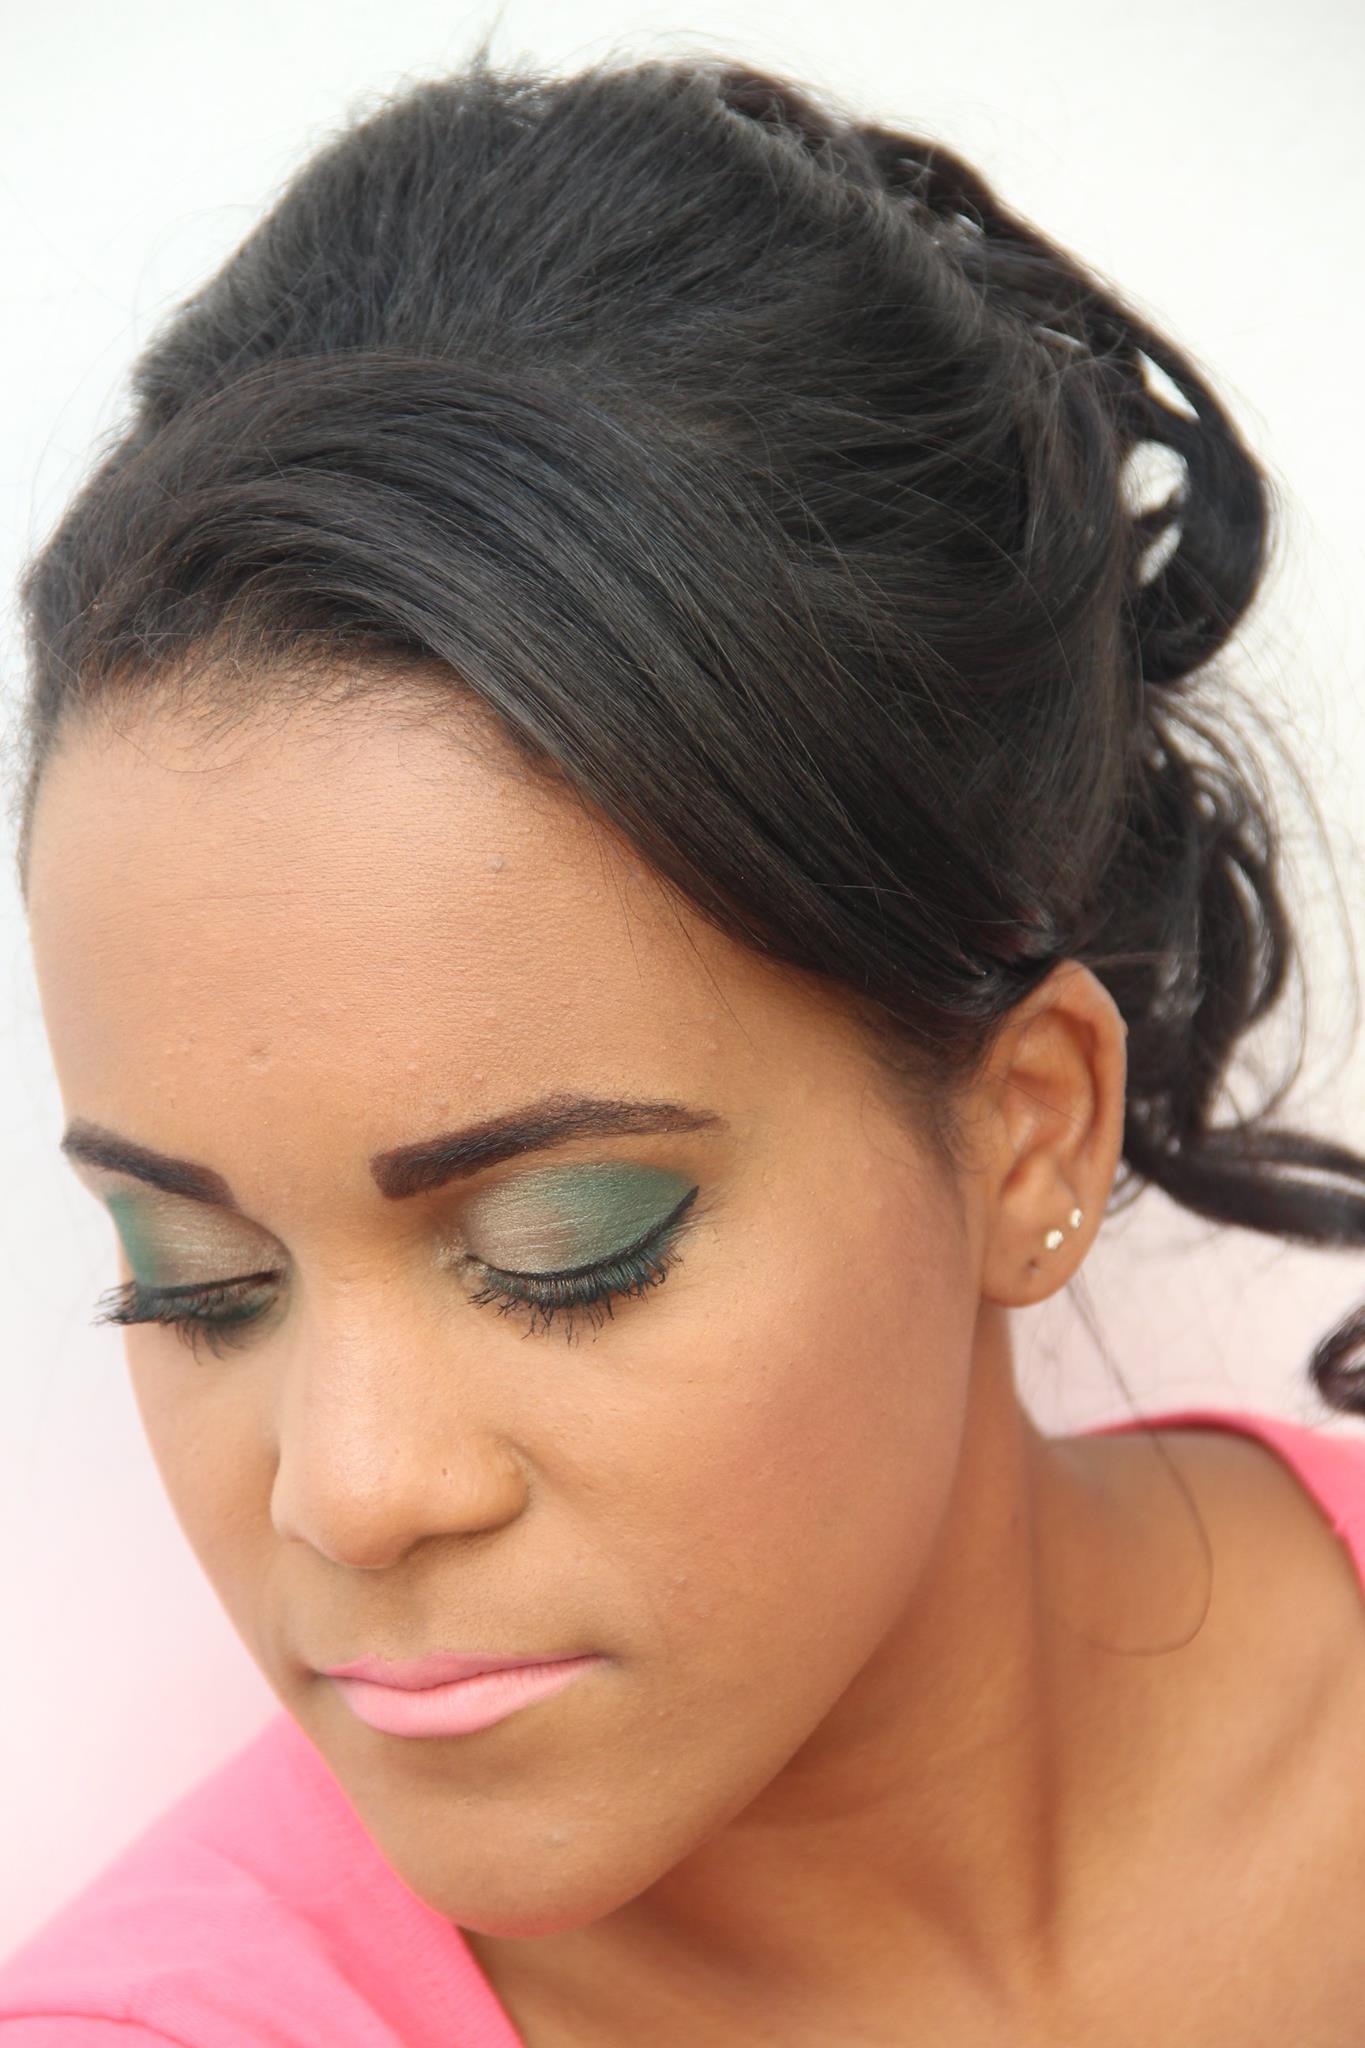 Etnia  designer de sobrancelhas maquiador(a) consultor(a) em imagem